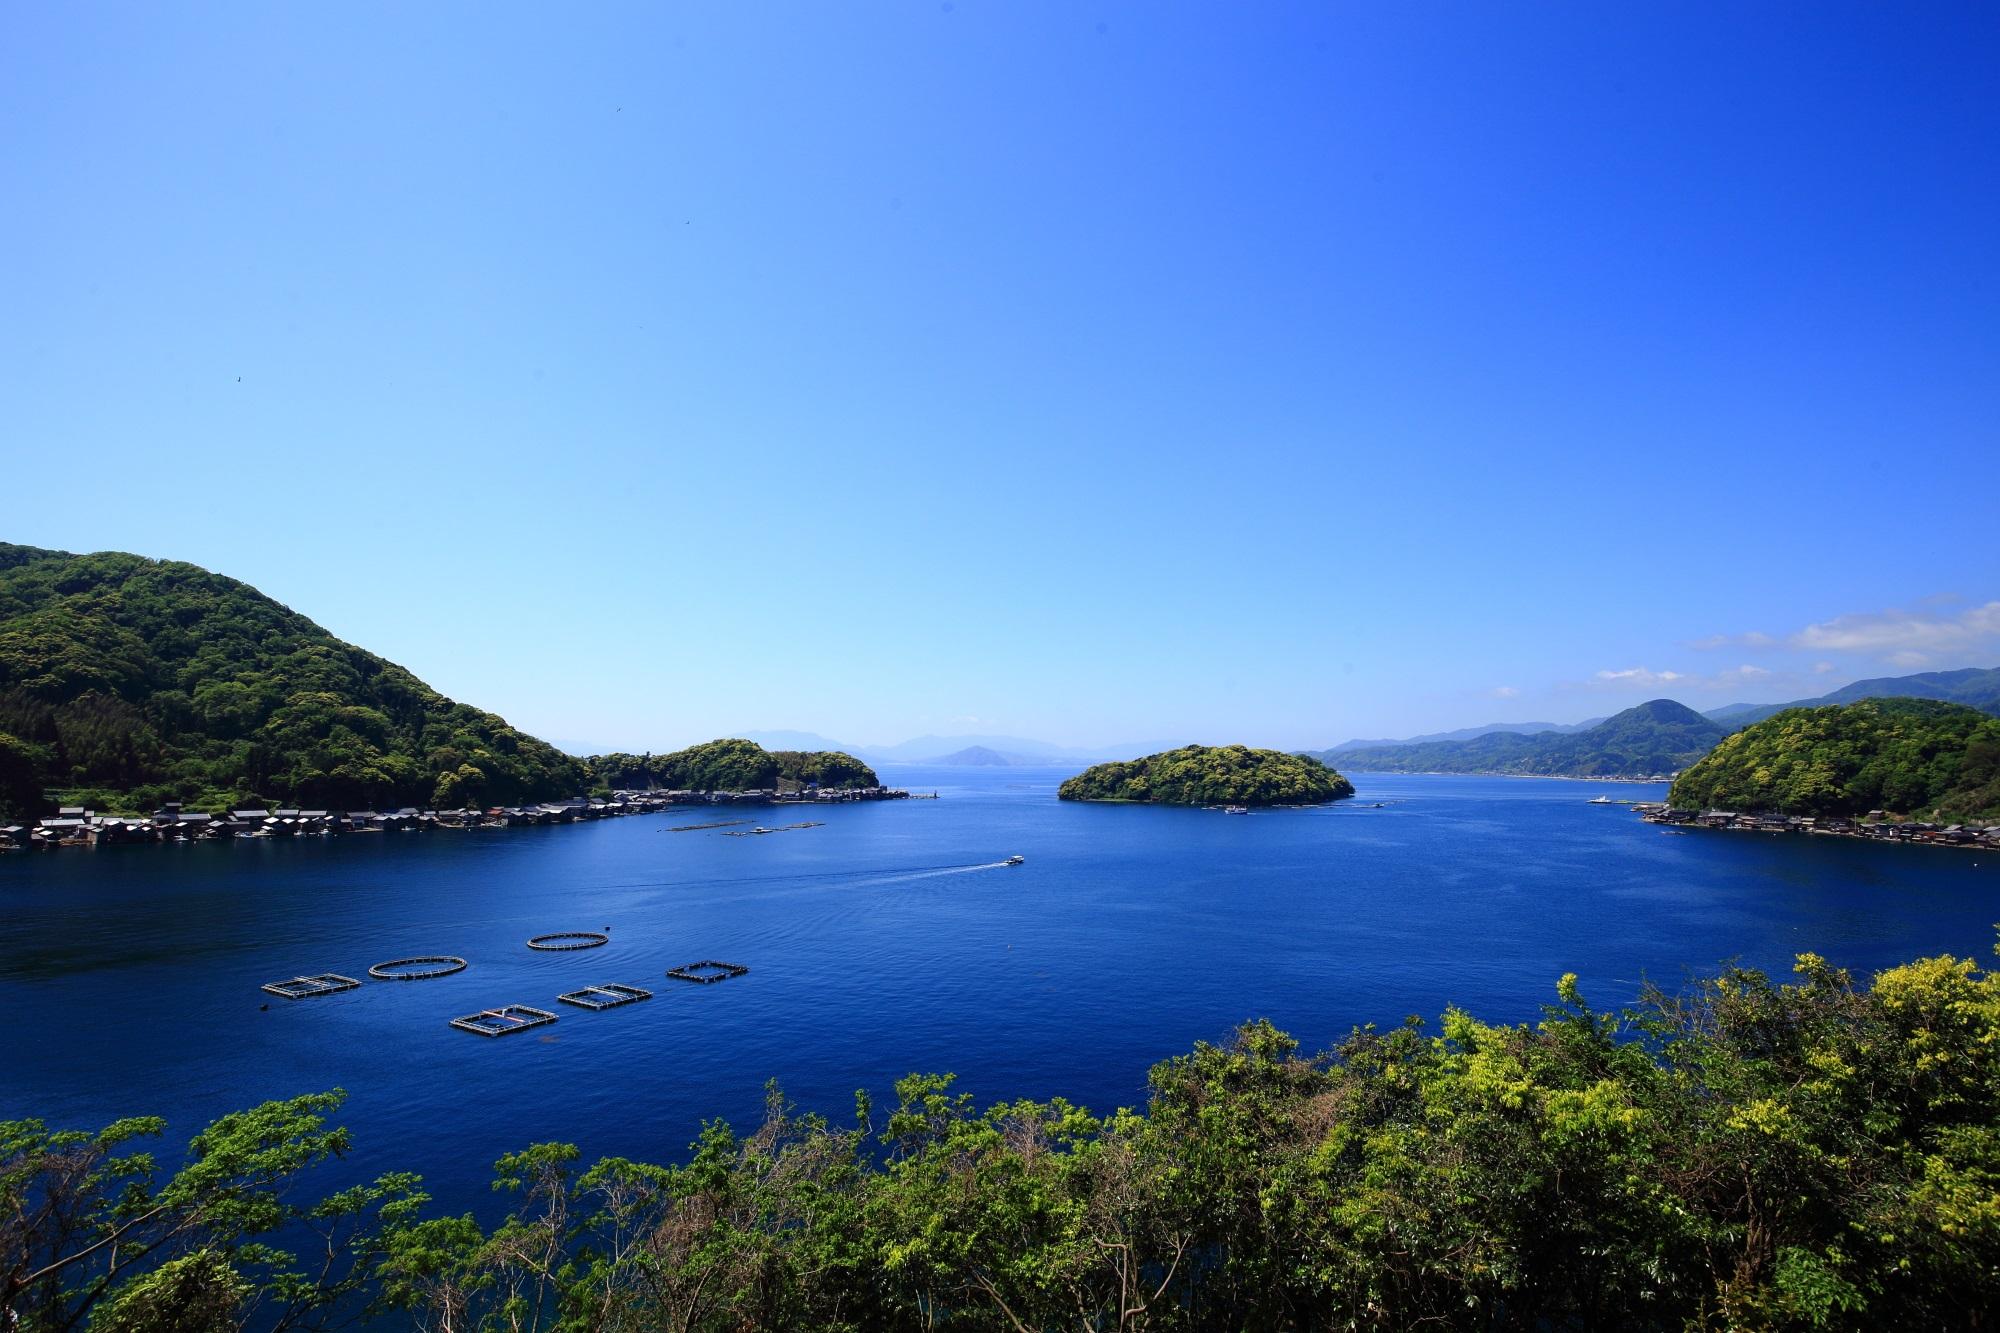 舟屋の里公園から眺める伊根の舟屋と伊根湾の絶景